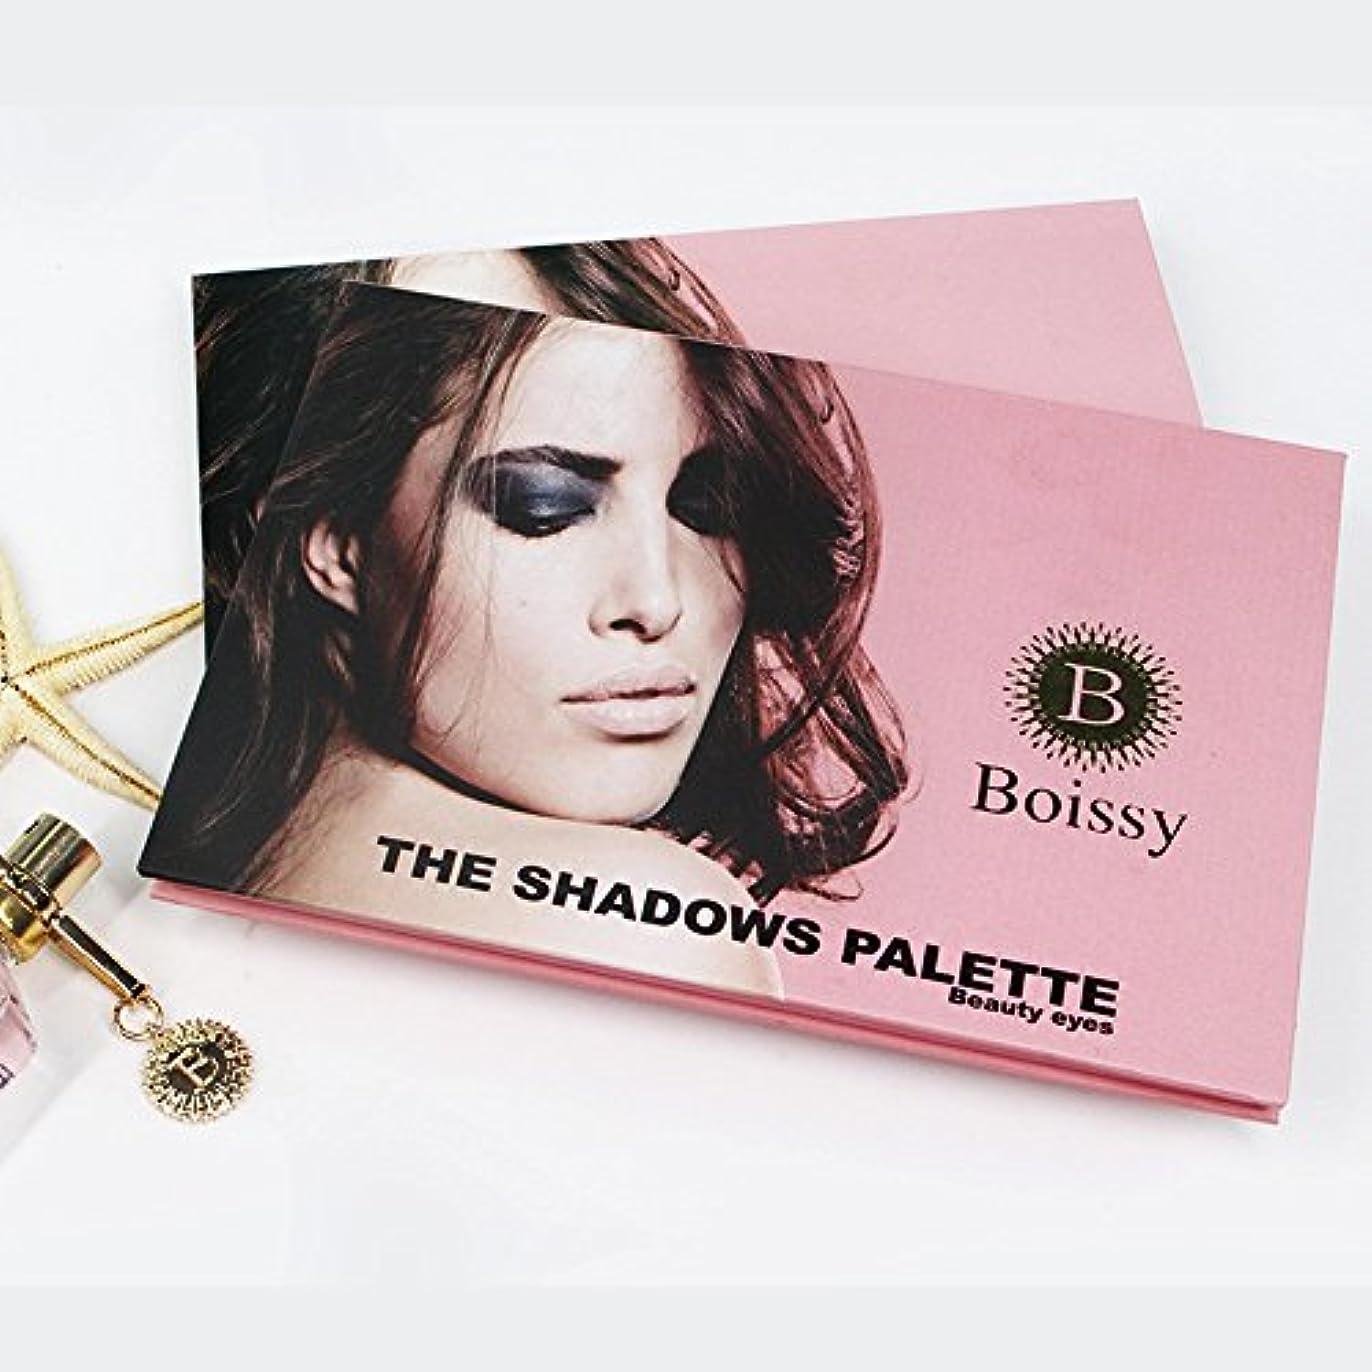 上げるオーガニックいちゃつくAkane アイシャドウパレット BOISSY ファッション 可愛い 魅力的 キラキラ 人気 ピンク 綺麗 長持ち おしゃれ 防水 チャーム 日常 持ち便利 Eye Shadow (24色)